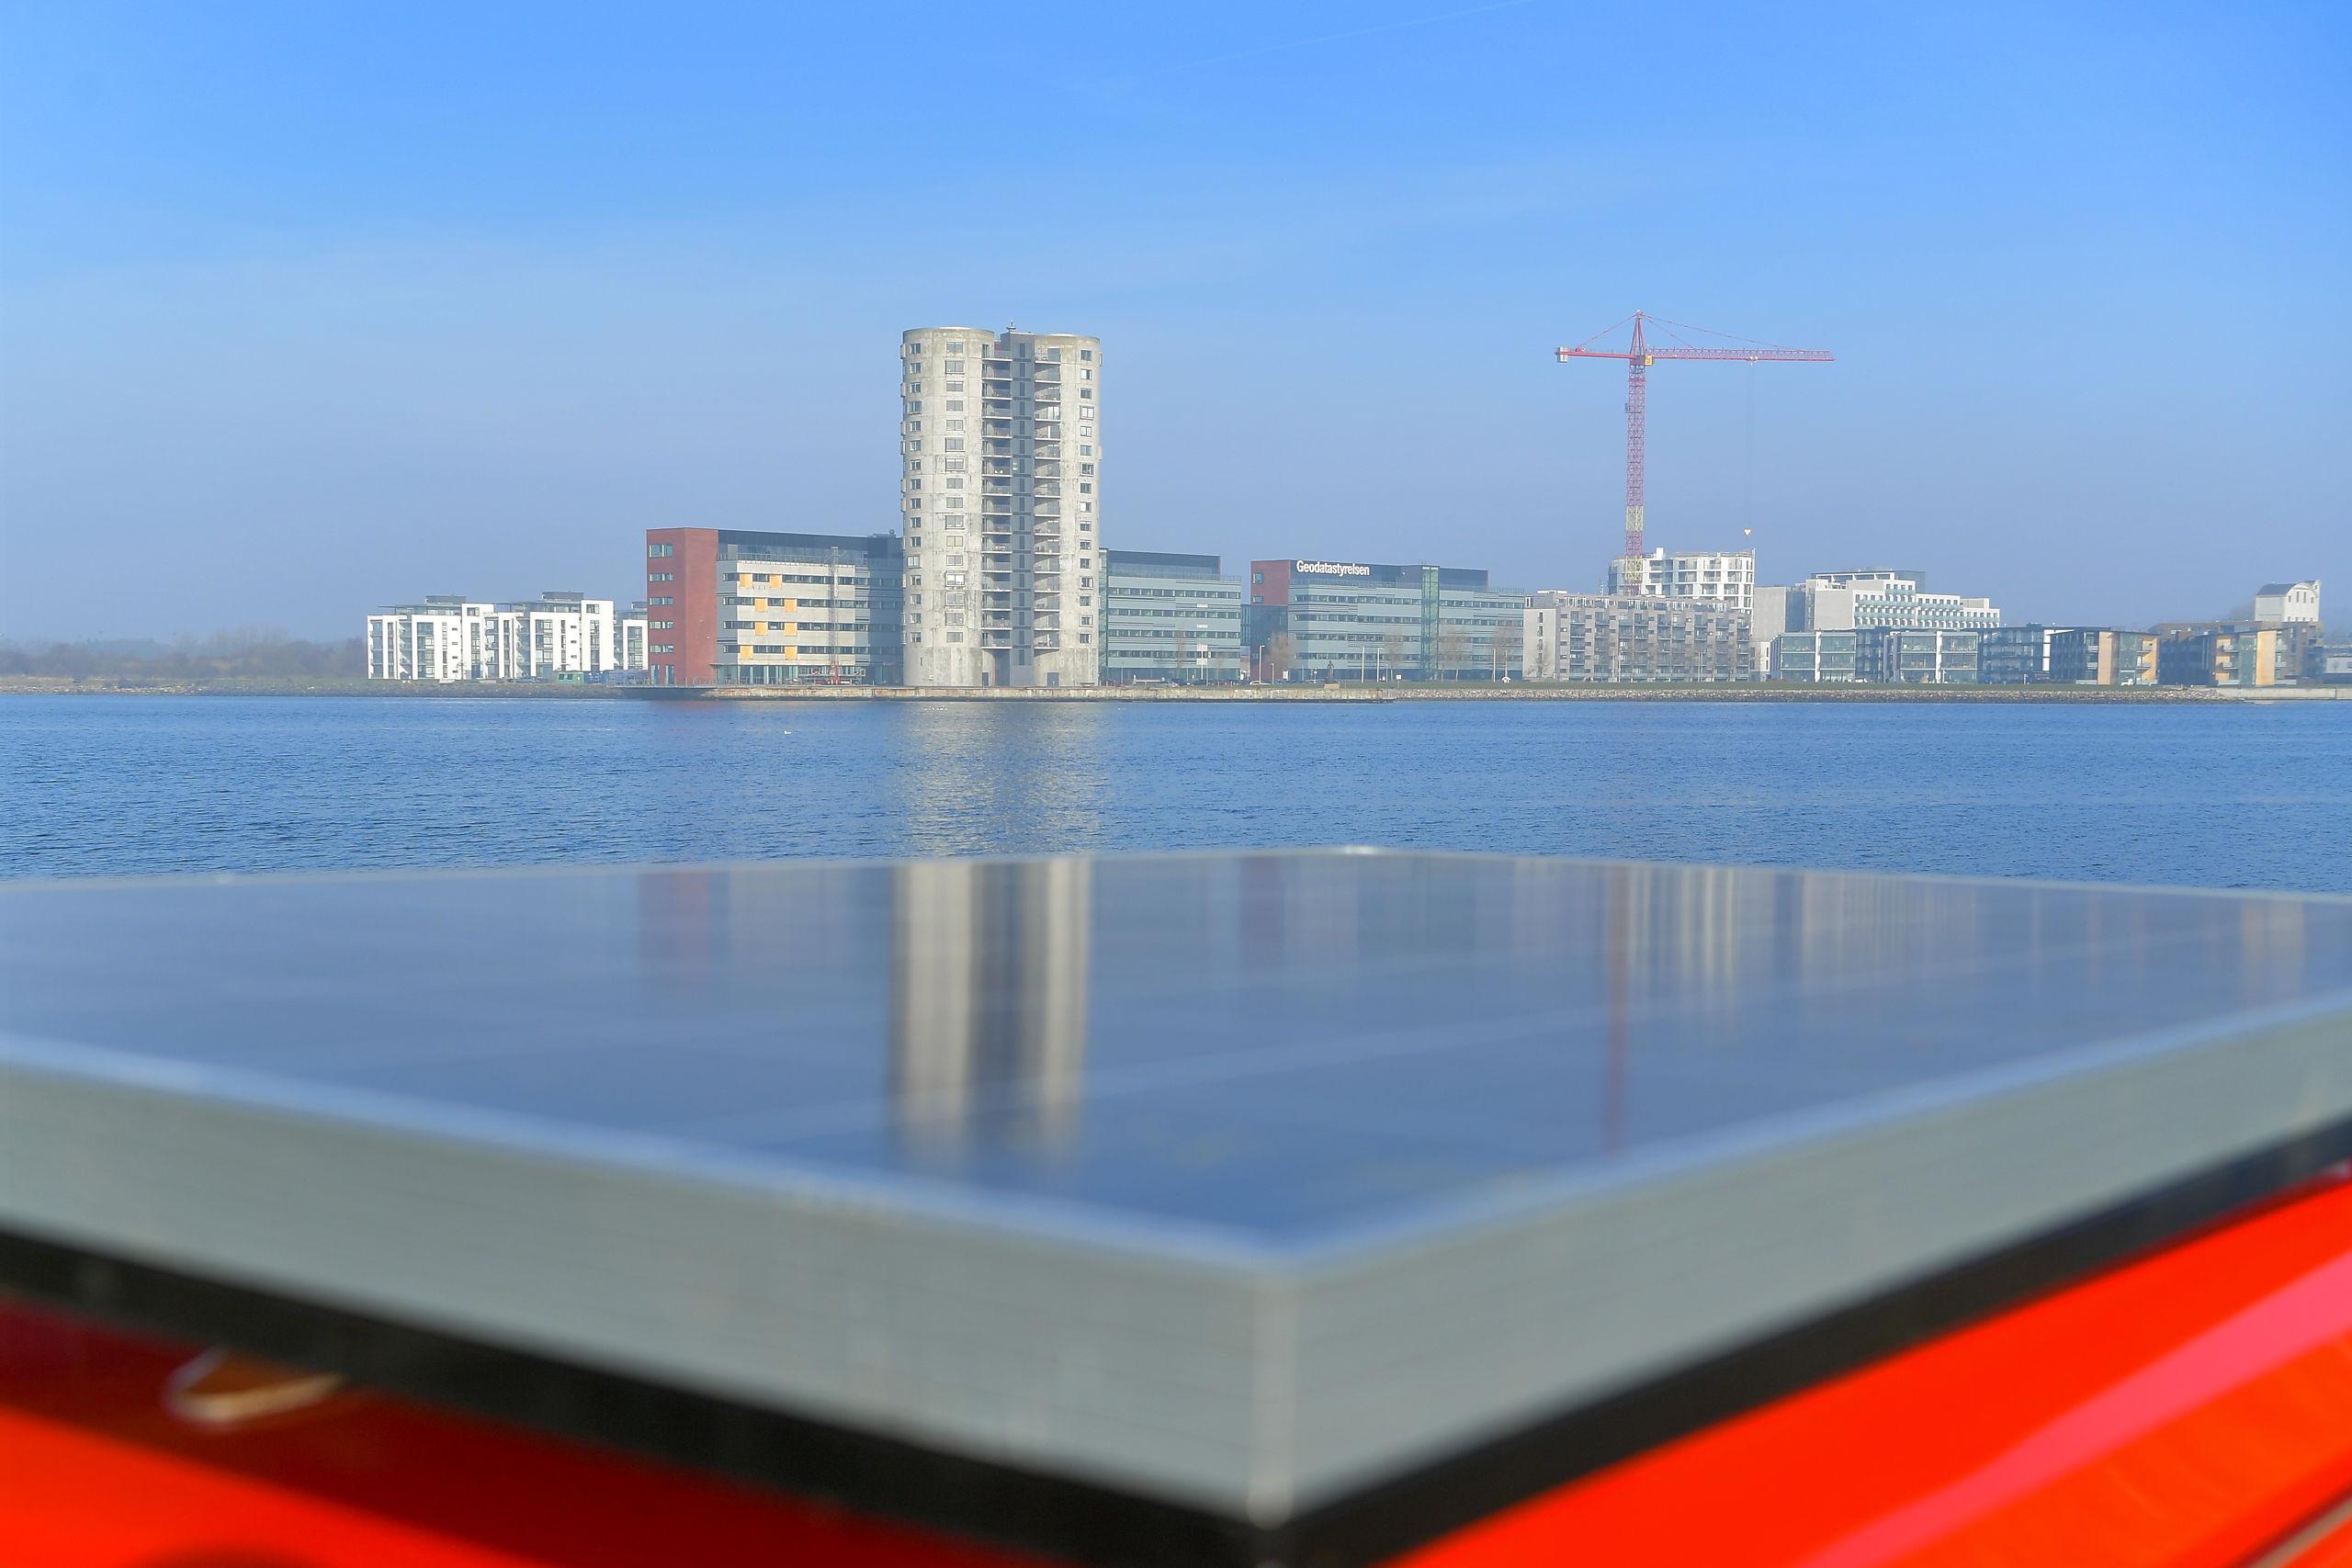 Der er monteret sol-paneler på hele tagfladen, og el-scooteren skal nu køre som et forsøg i Aalborg i en hel måned. Foto: Jesper Thomasen